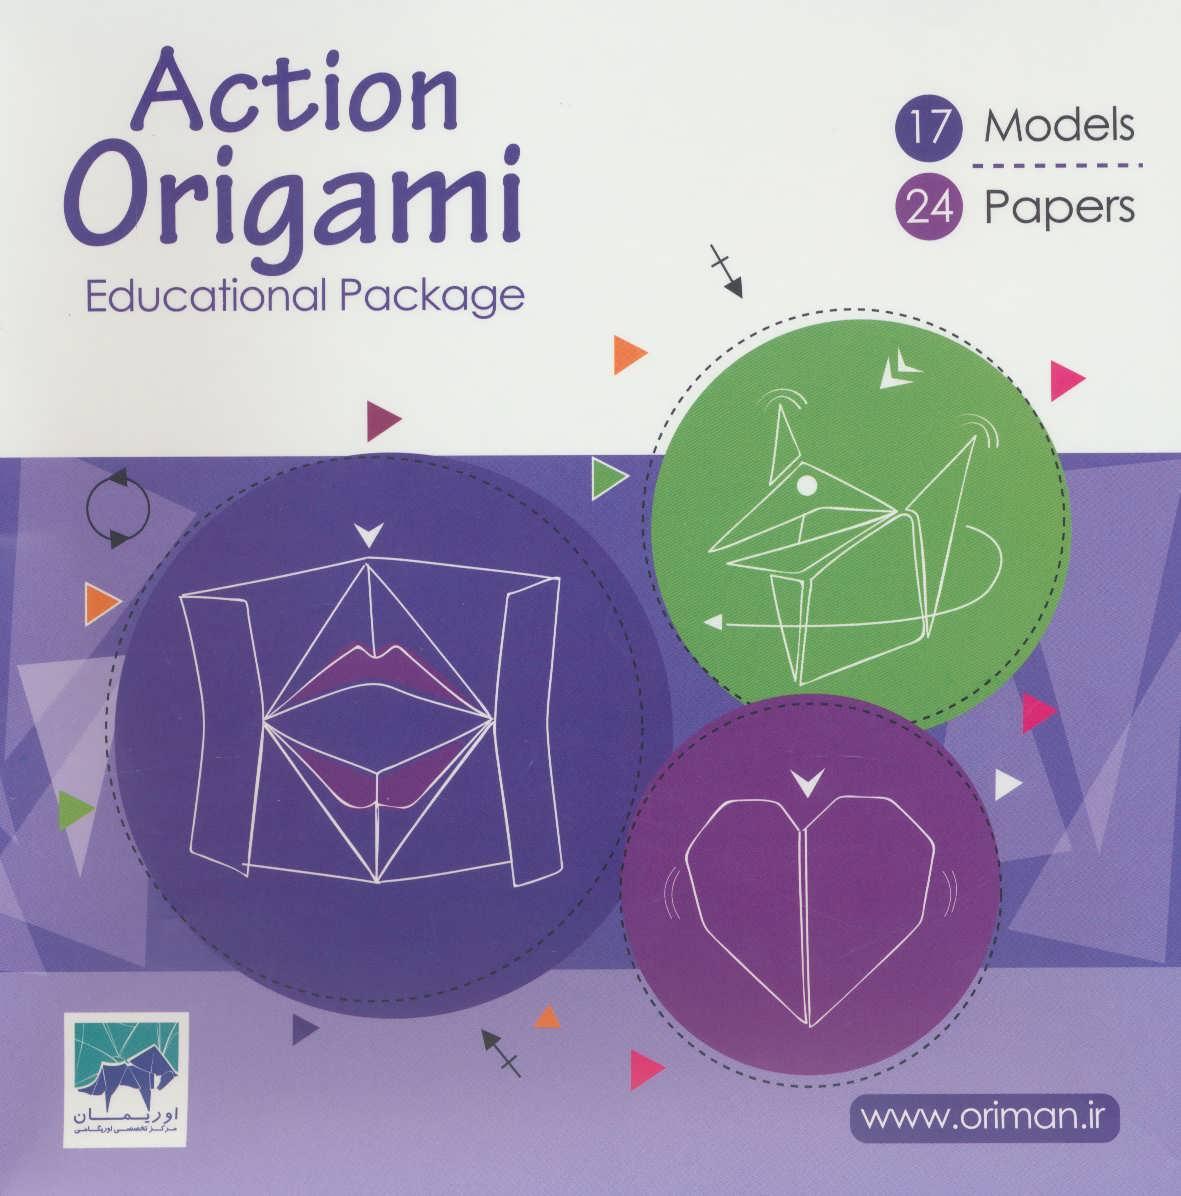 بسته اوريگامي حركتي (دياگرام هاي آموزشي،به همراه كاغذ اوريگامي)،(باجعبه)